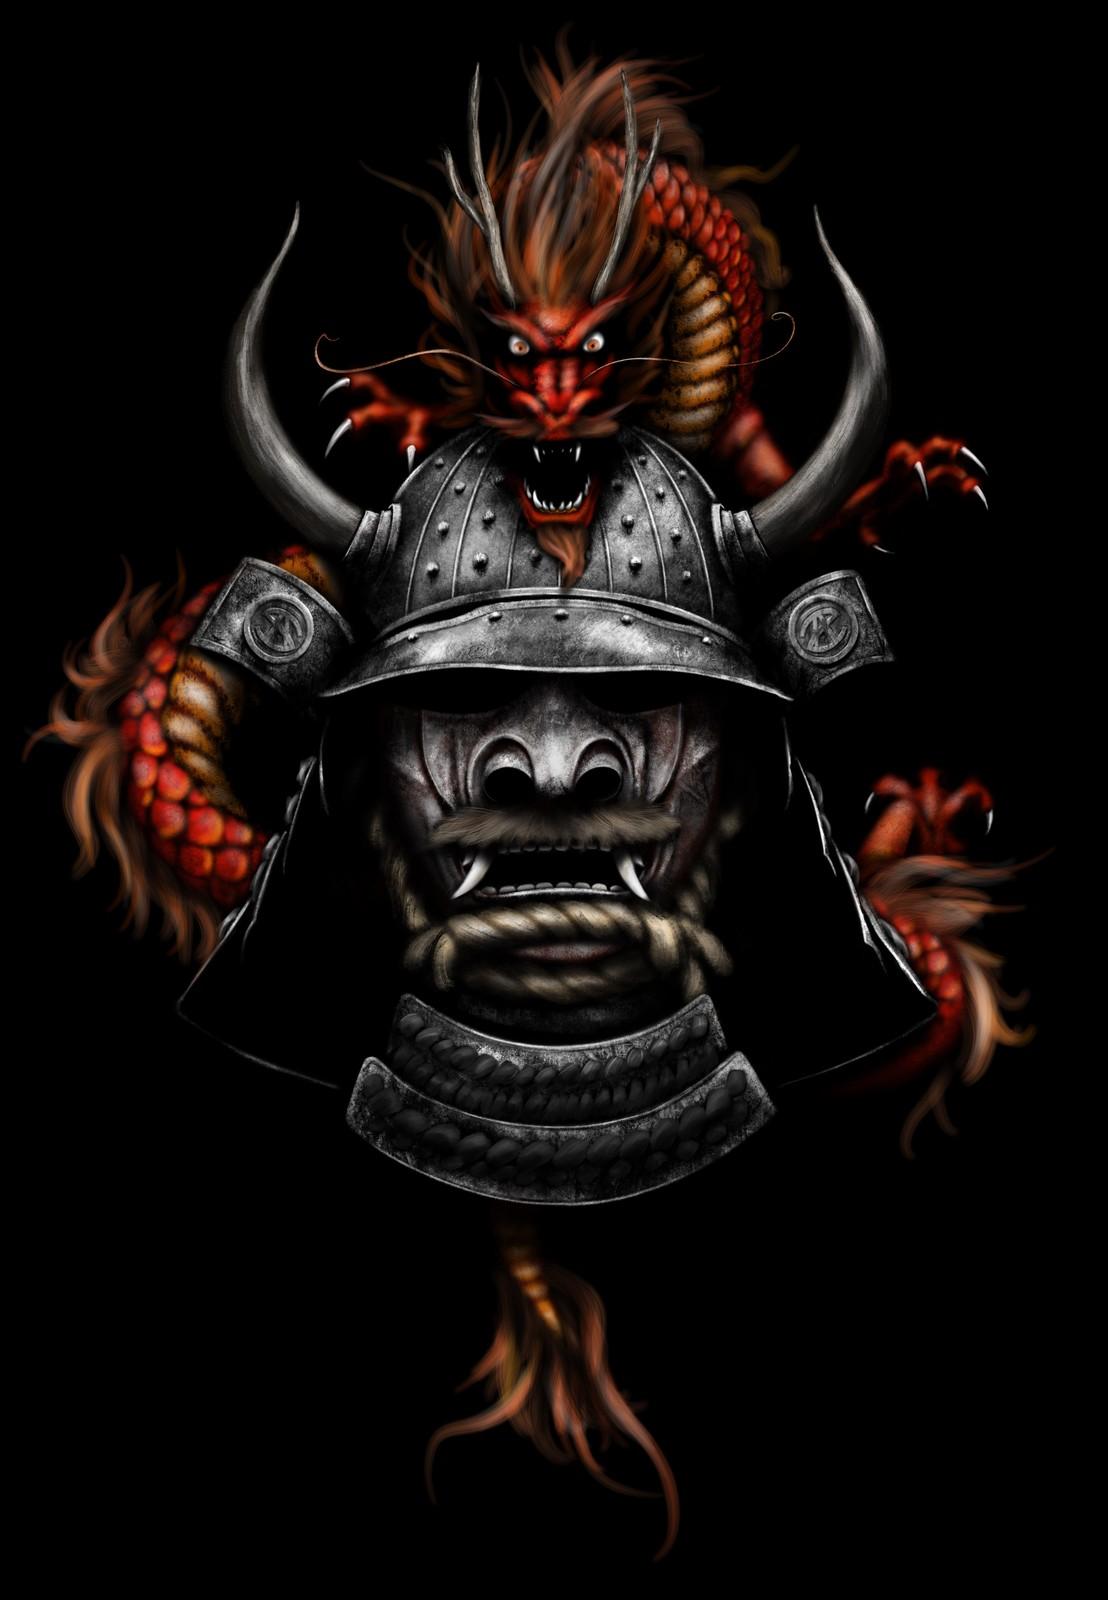 Warrior helmet series